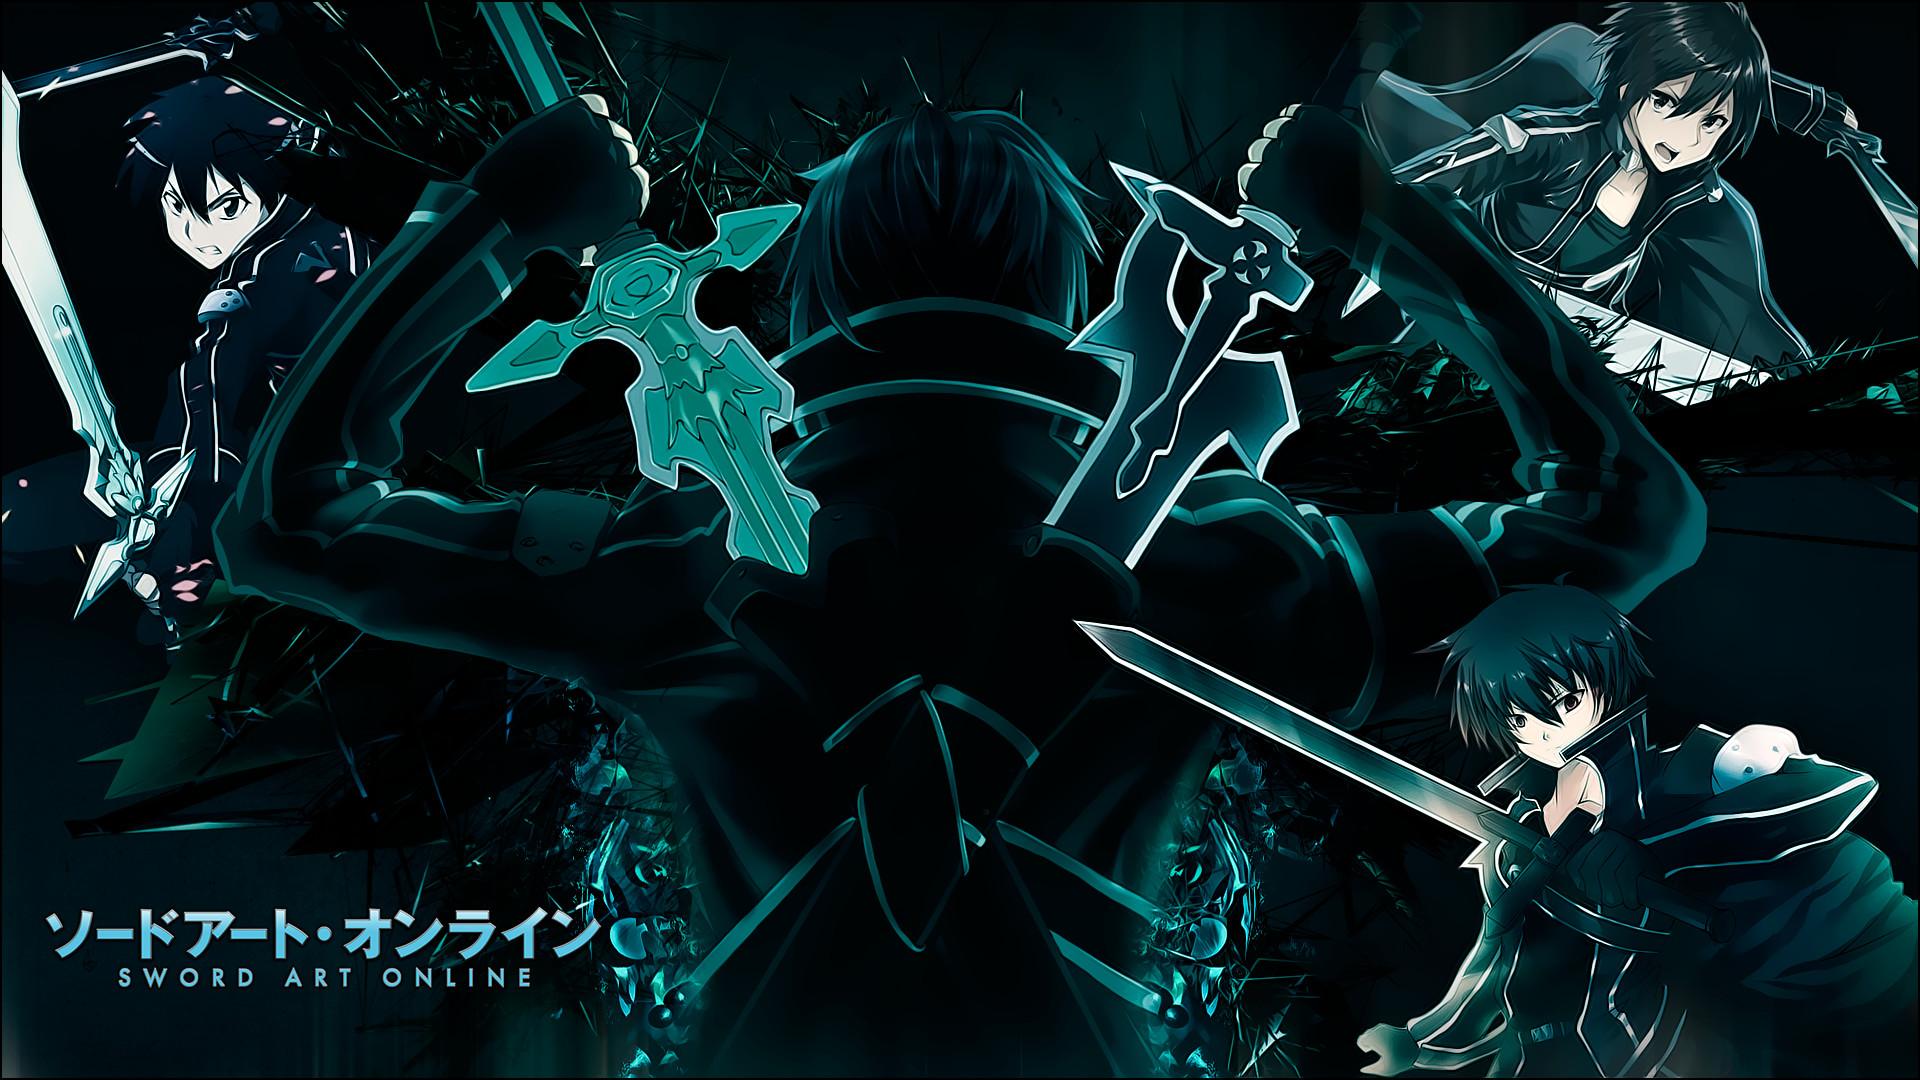 1920x1080 wallpaper hd 1080p sword art online - Pesquisa Google